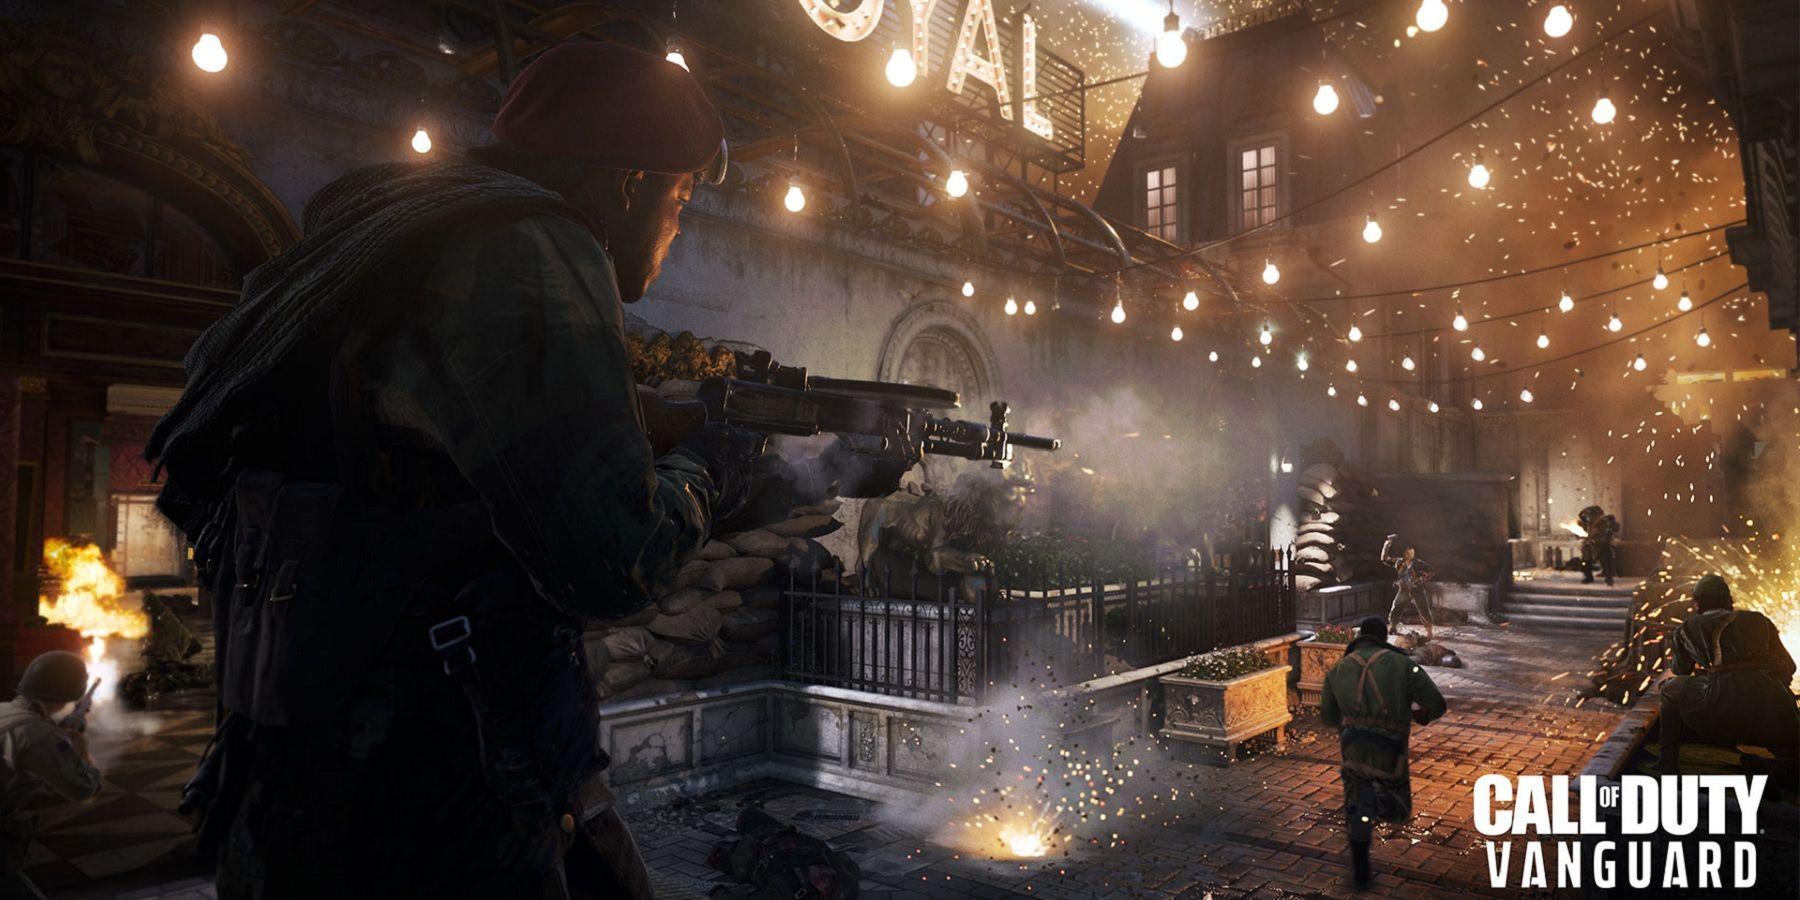 В бета-версии Call of Duty: Vanguard игроки жалуются на большое количество читеров